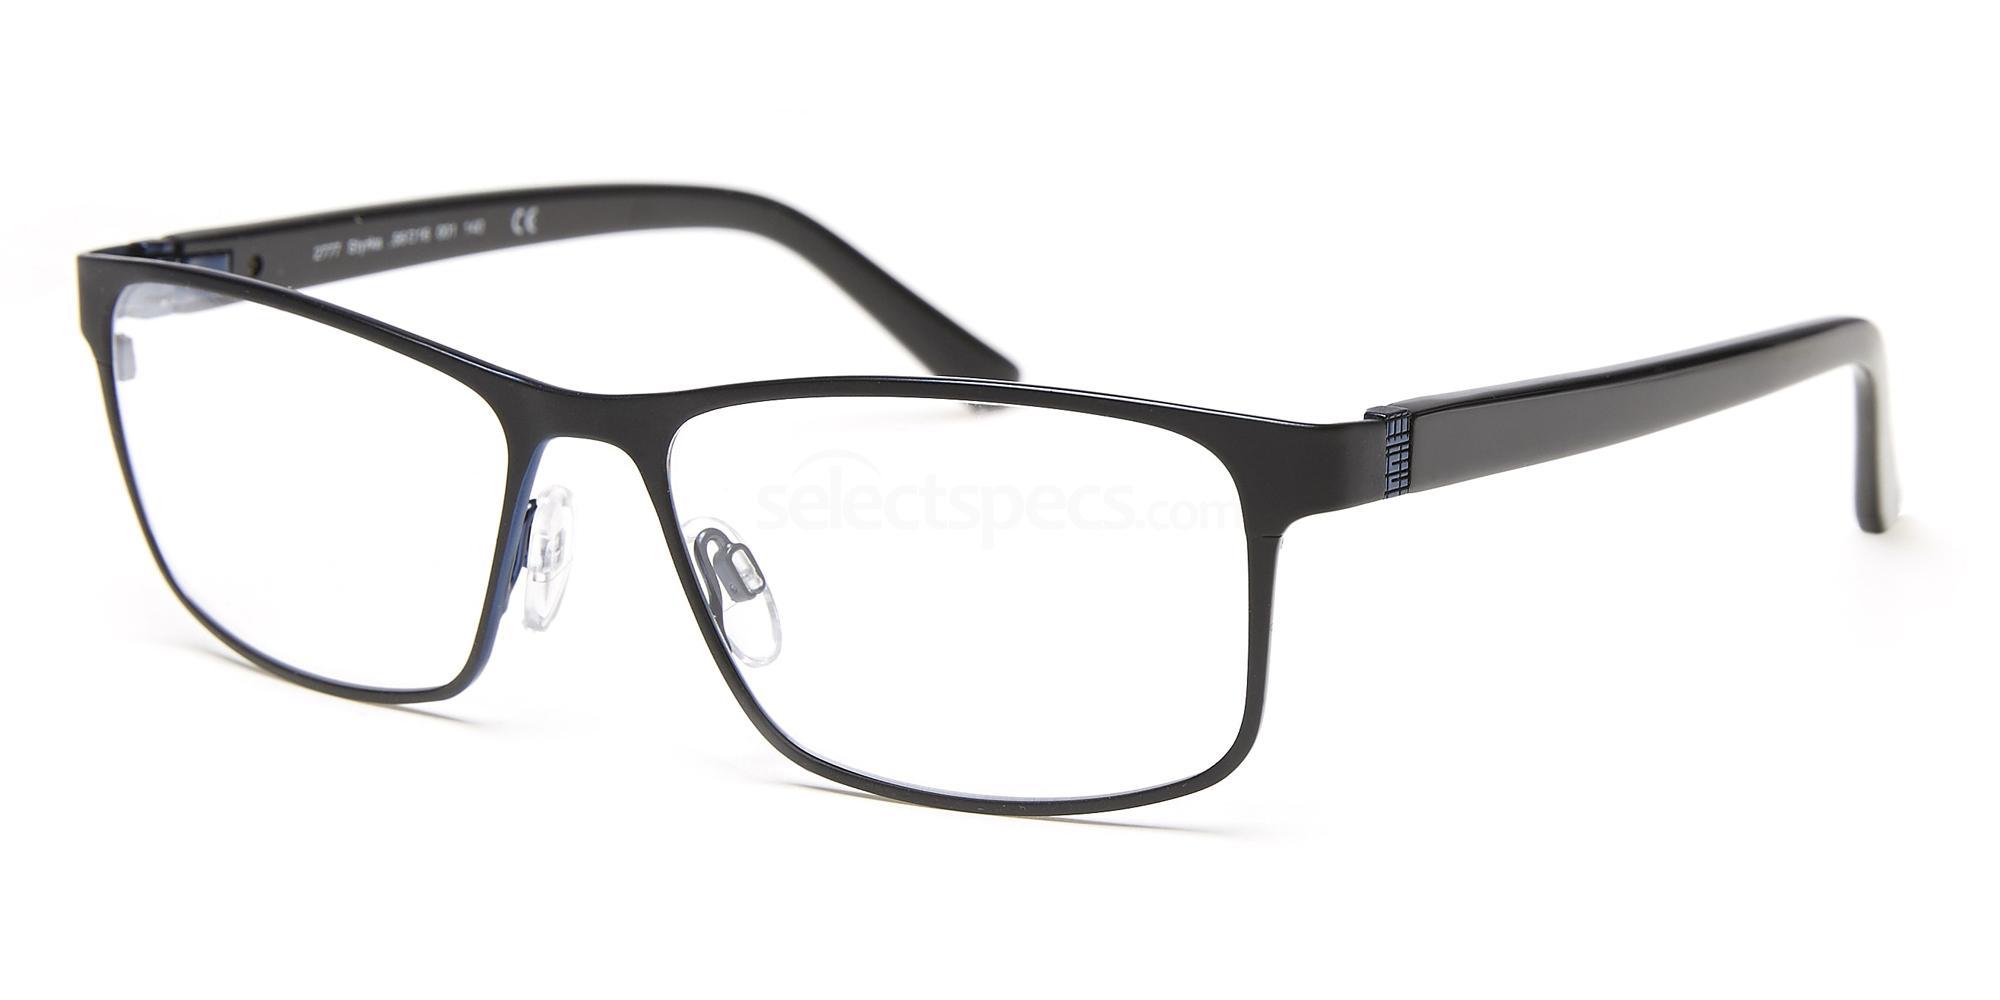 001 SK2777 STYRKA Glasses, Skaga